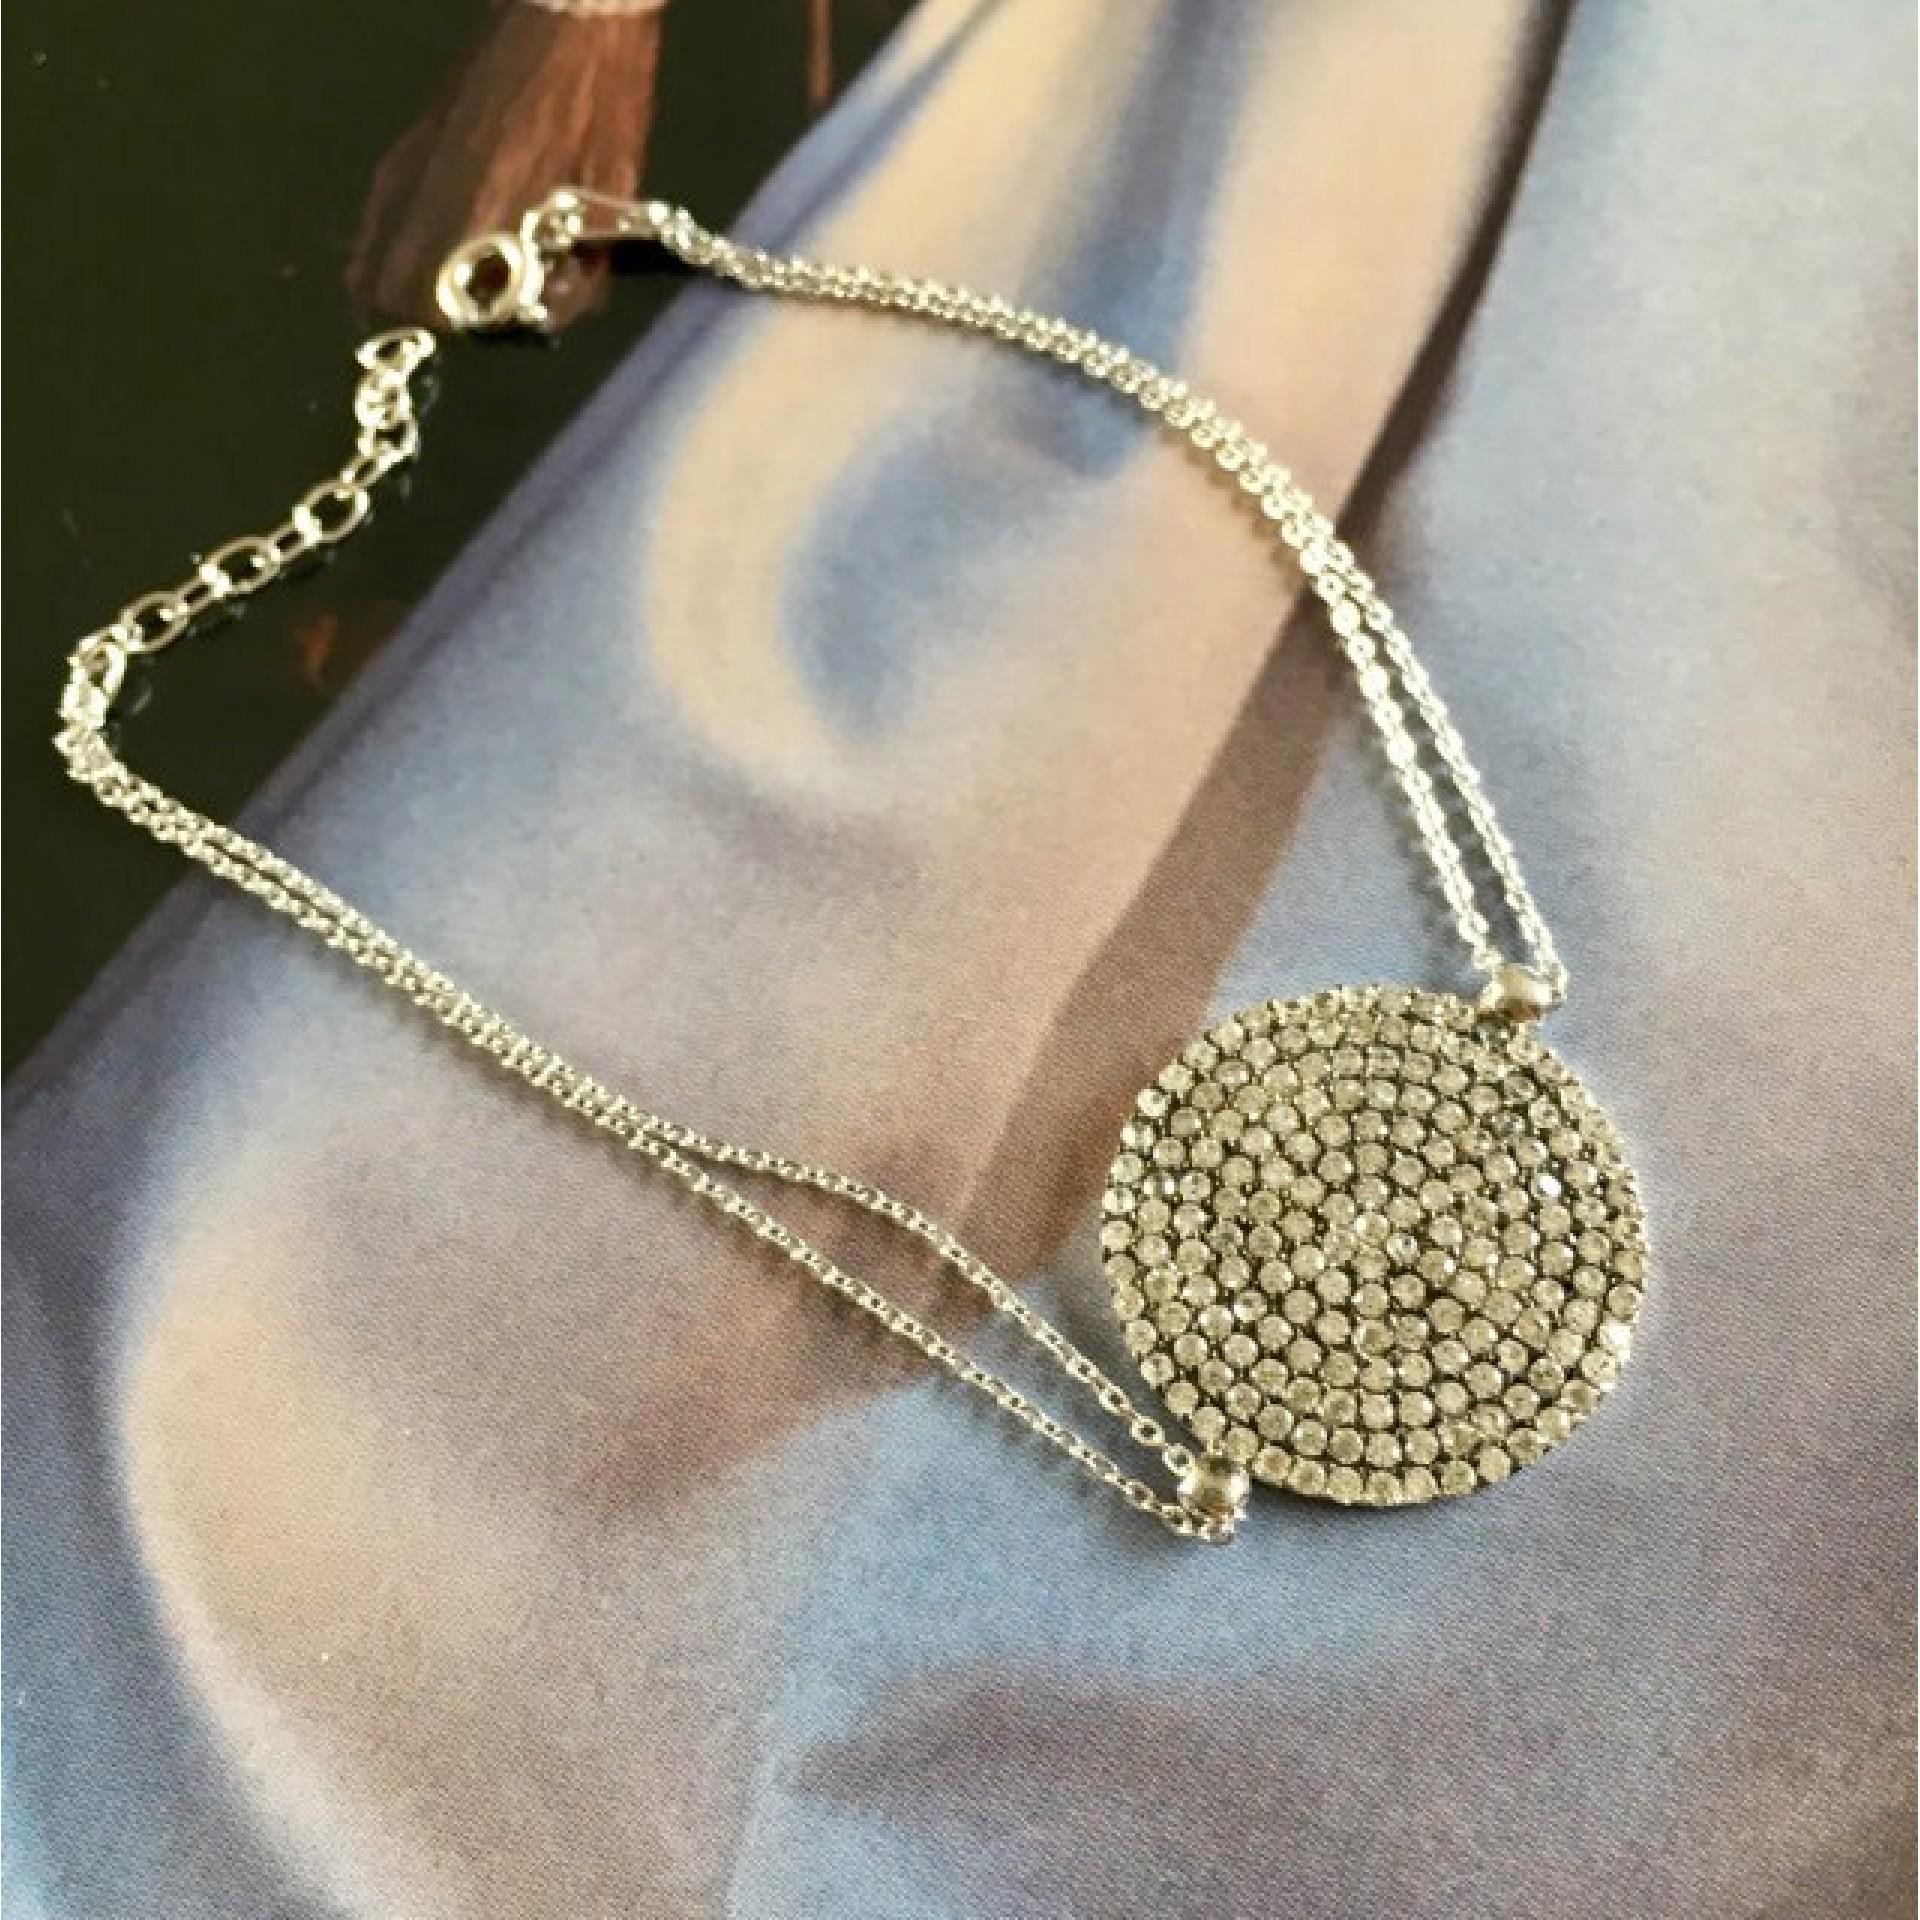 The Brilliant temptation silver bracelet